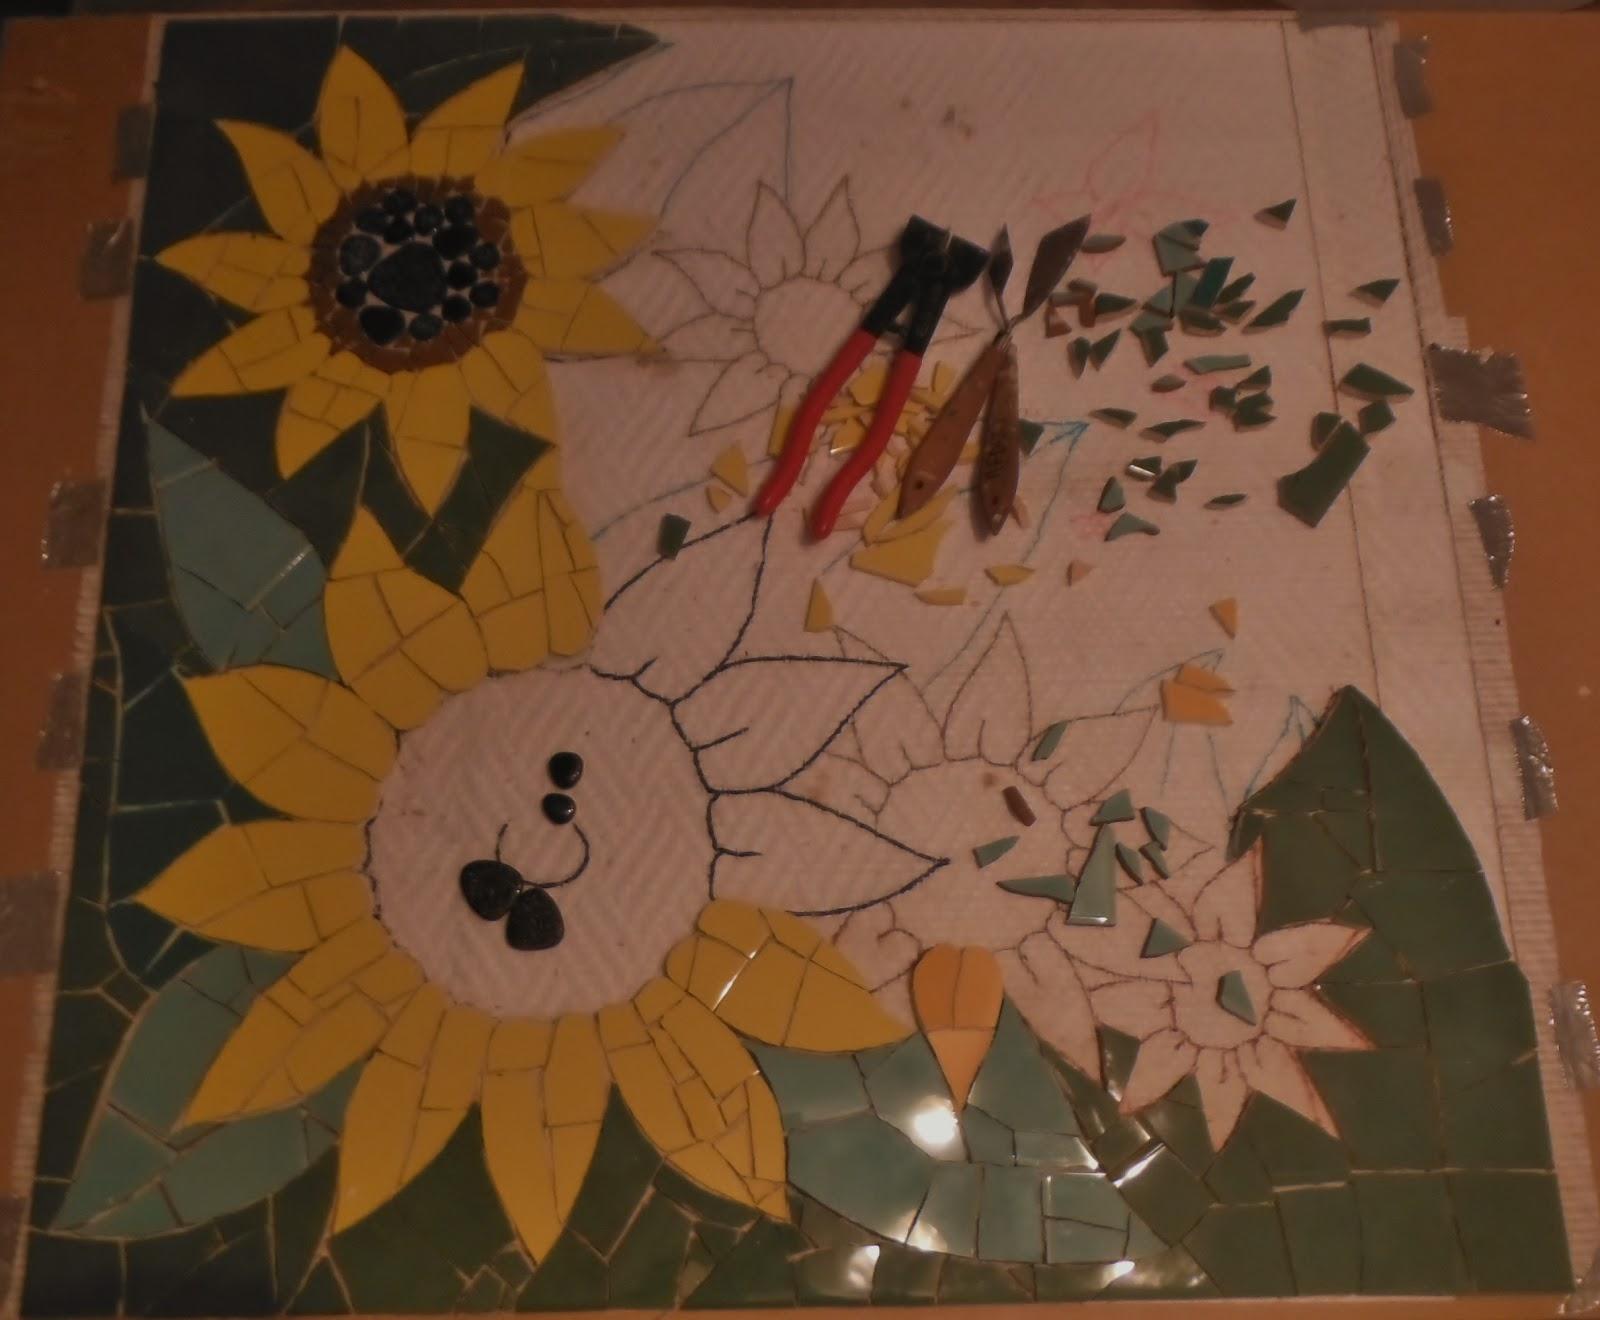 atelier d art mimi vermicelle savenay cours dessin peinture stages mosaique week end vacances scolaires